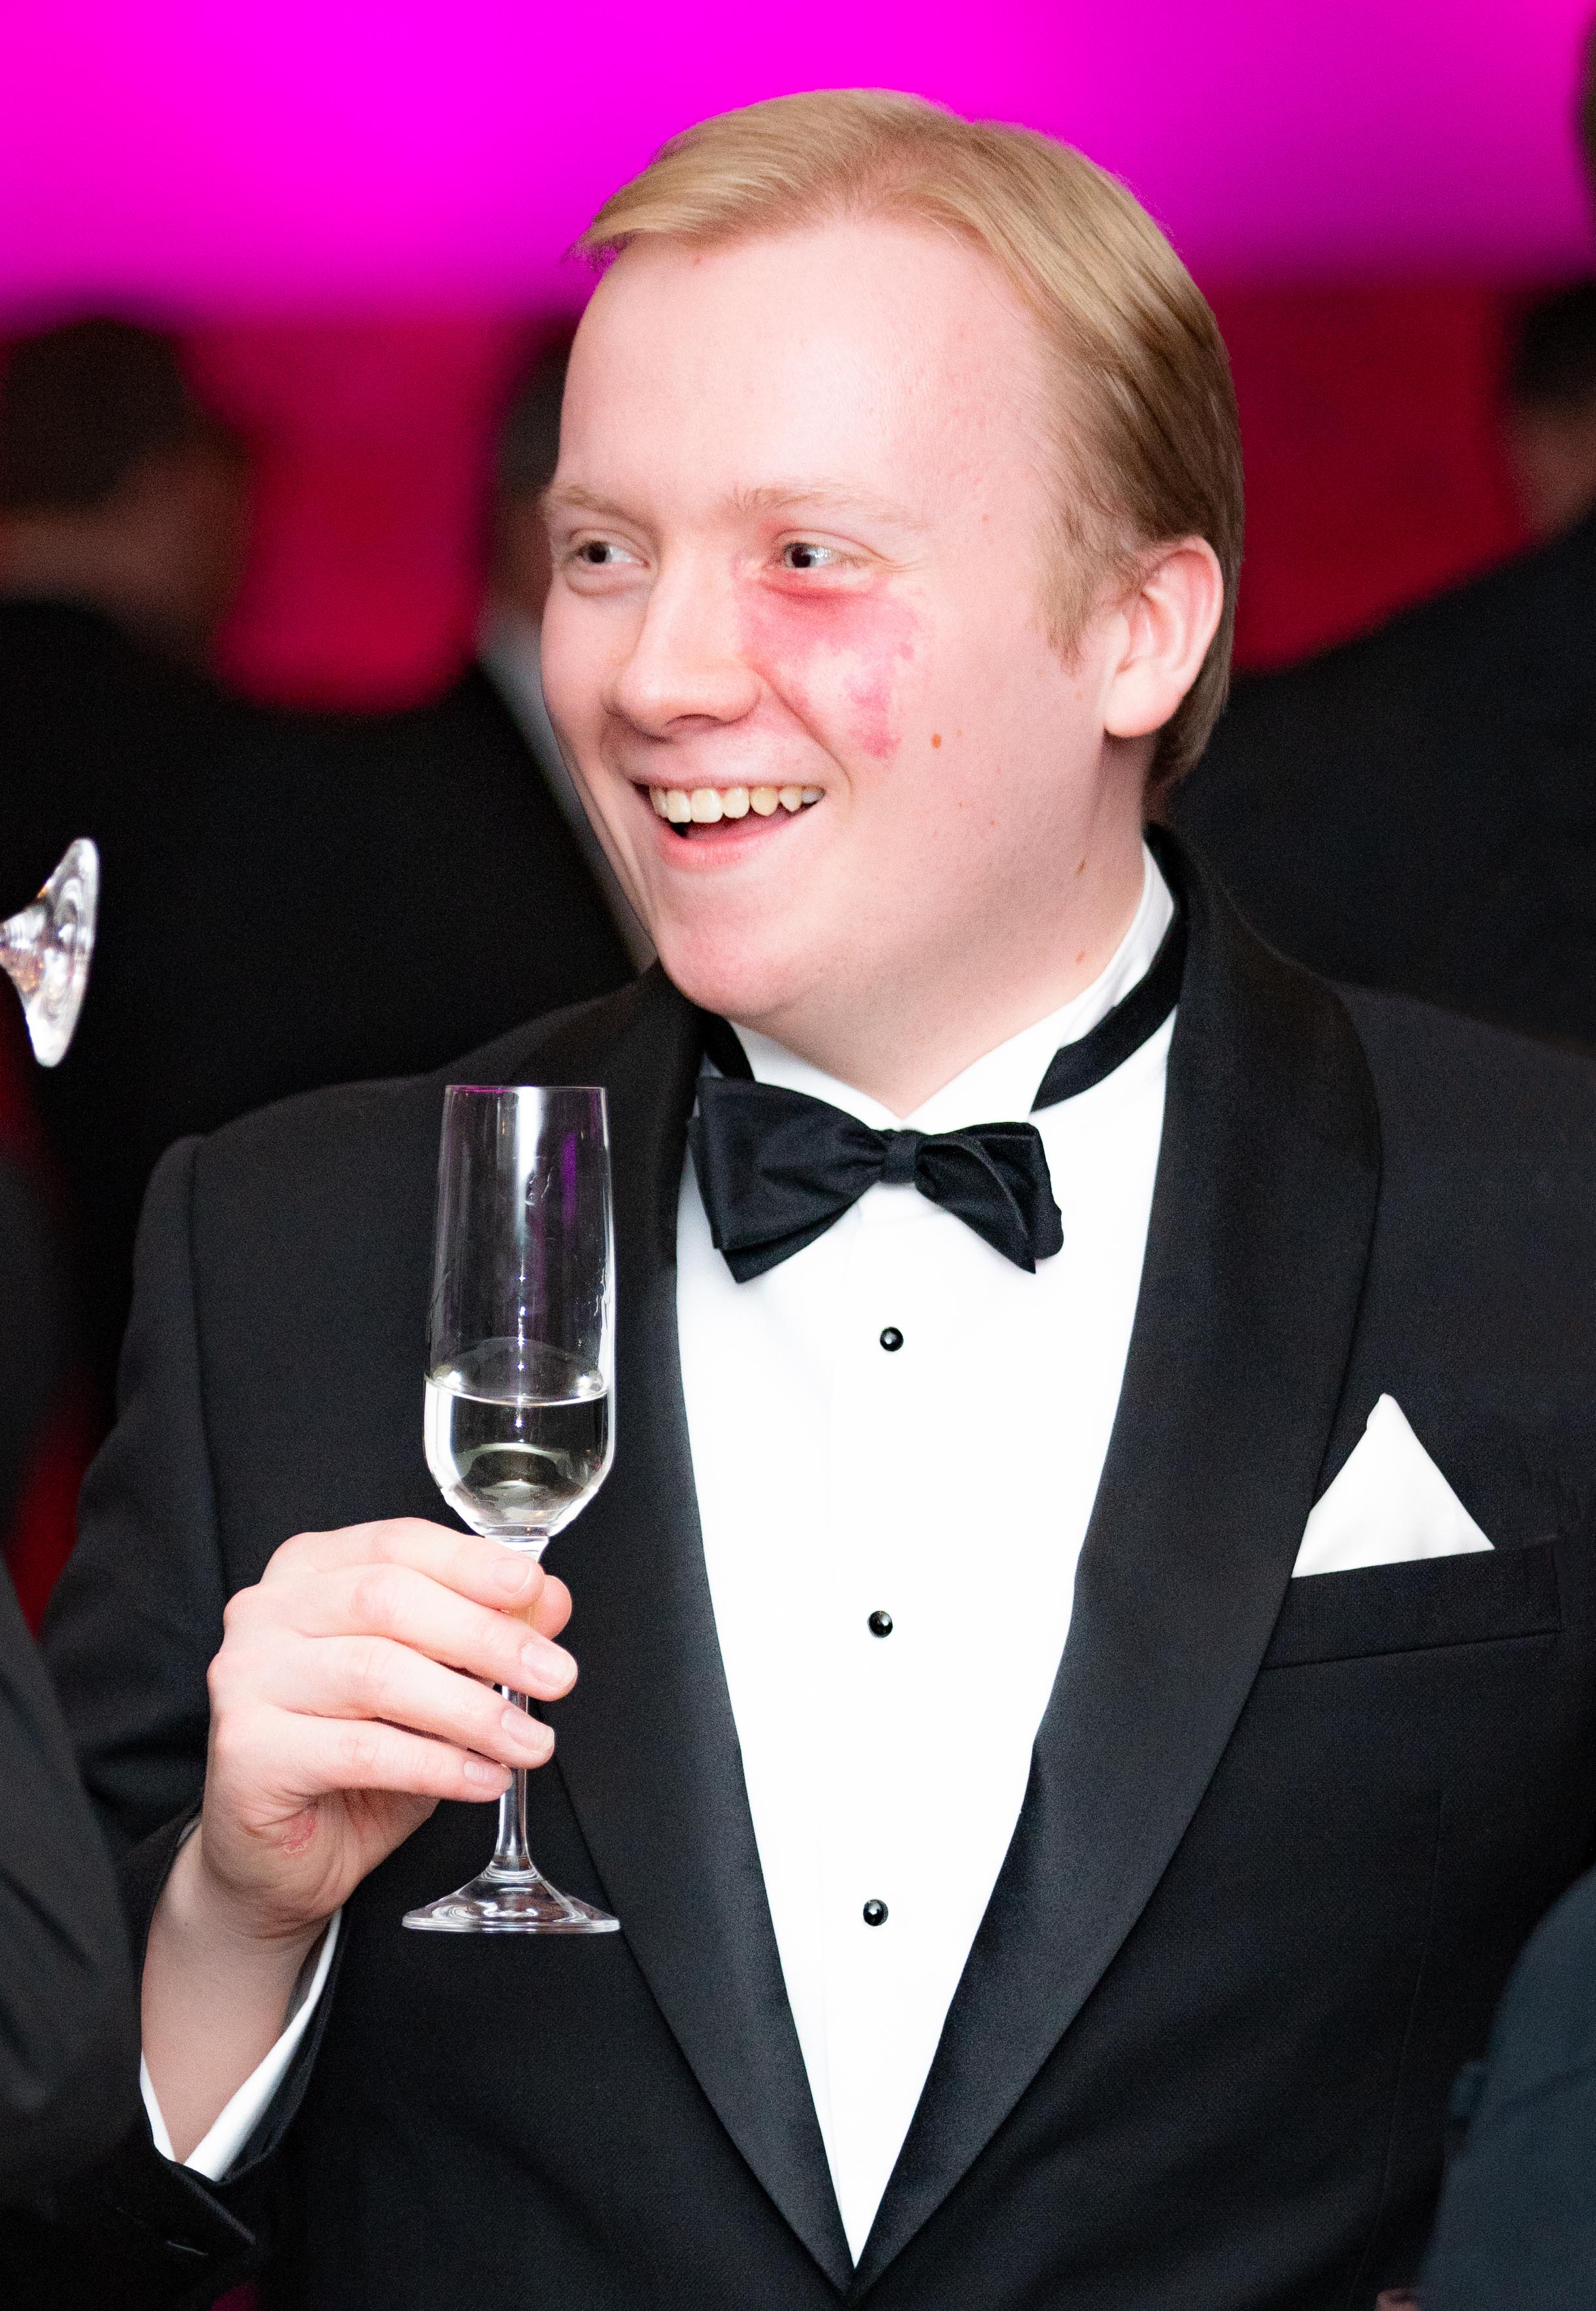 Adam Bradley